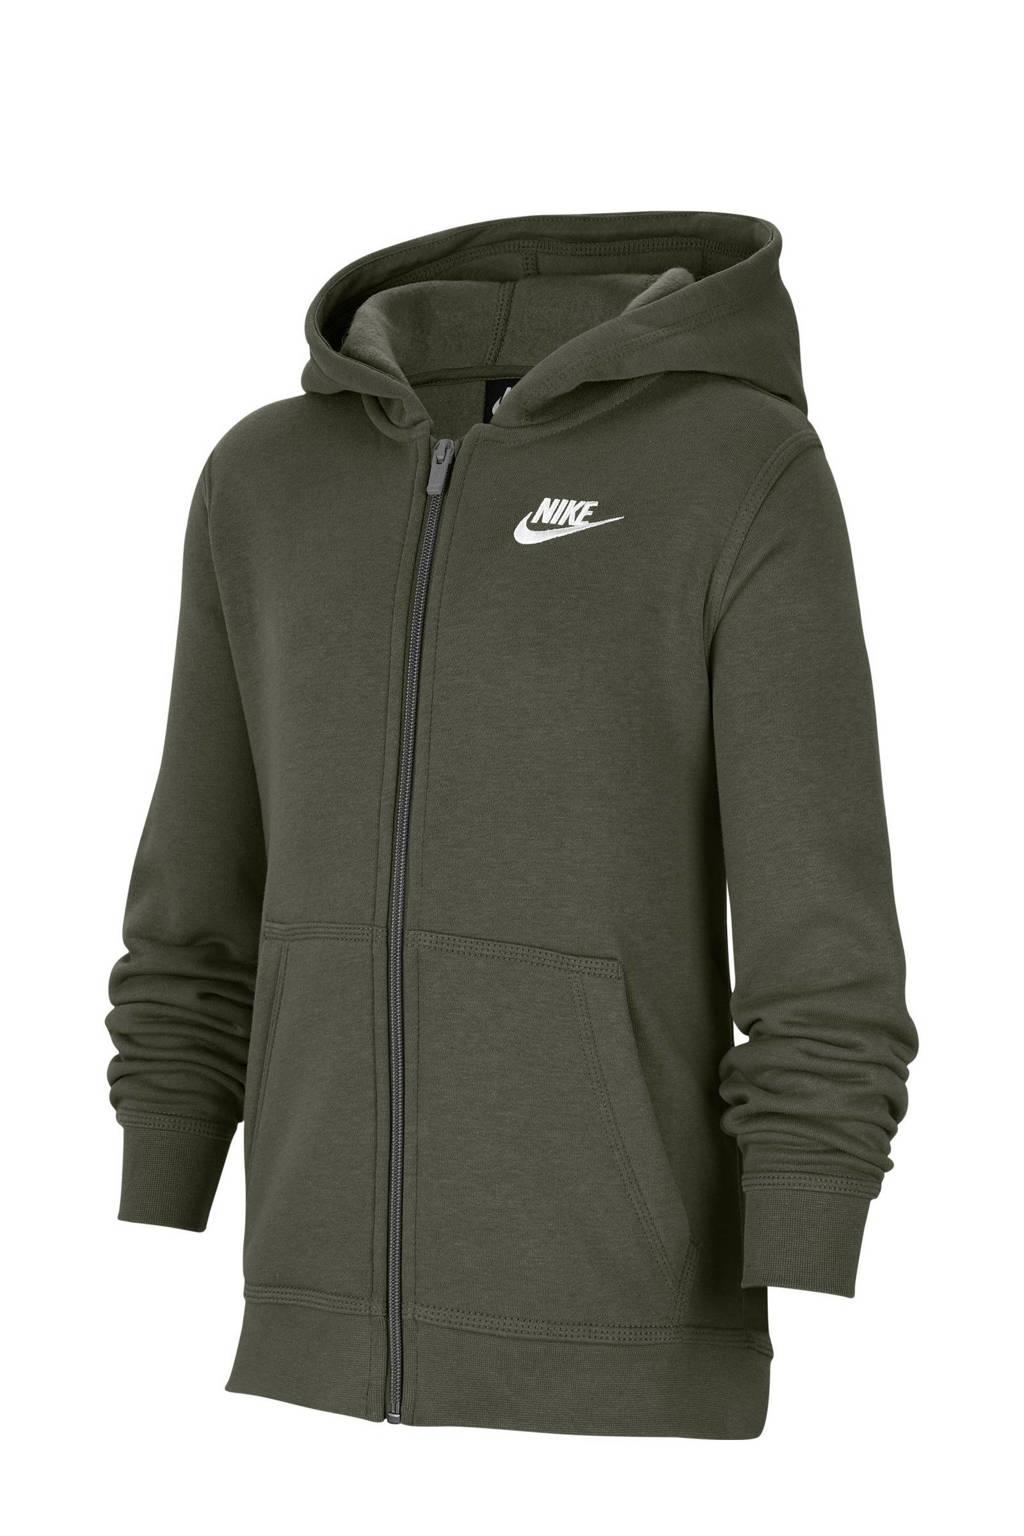 Nike vest donkergroen, Donkergroen